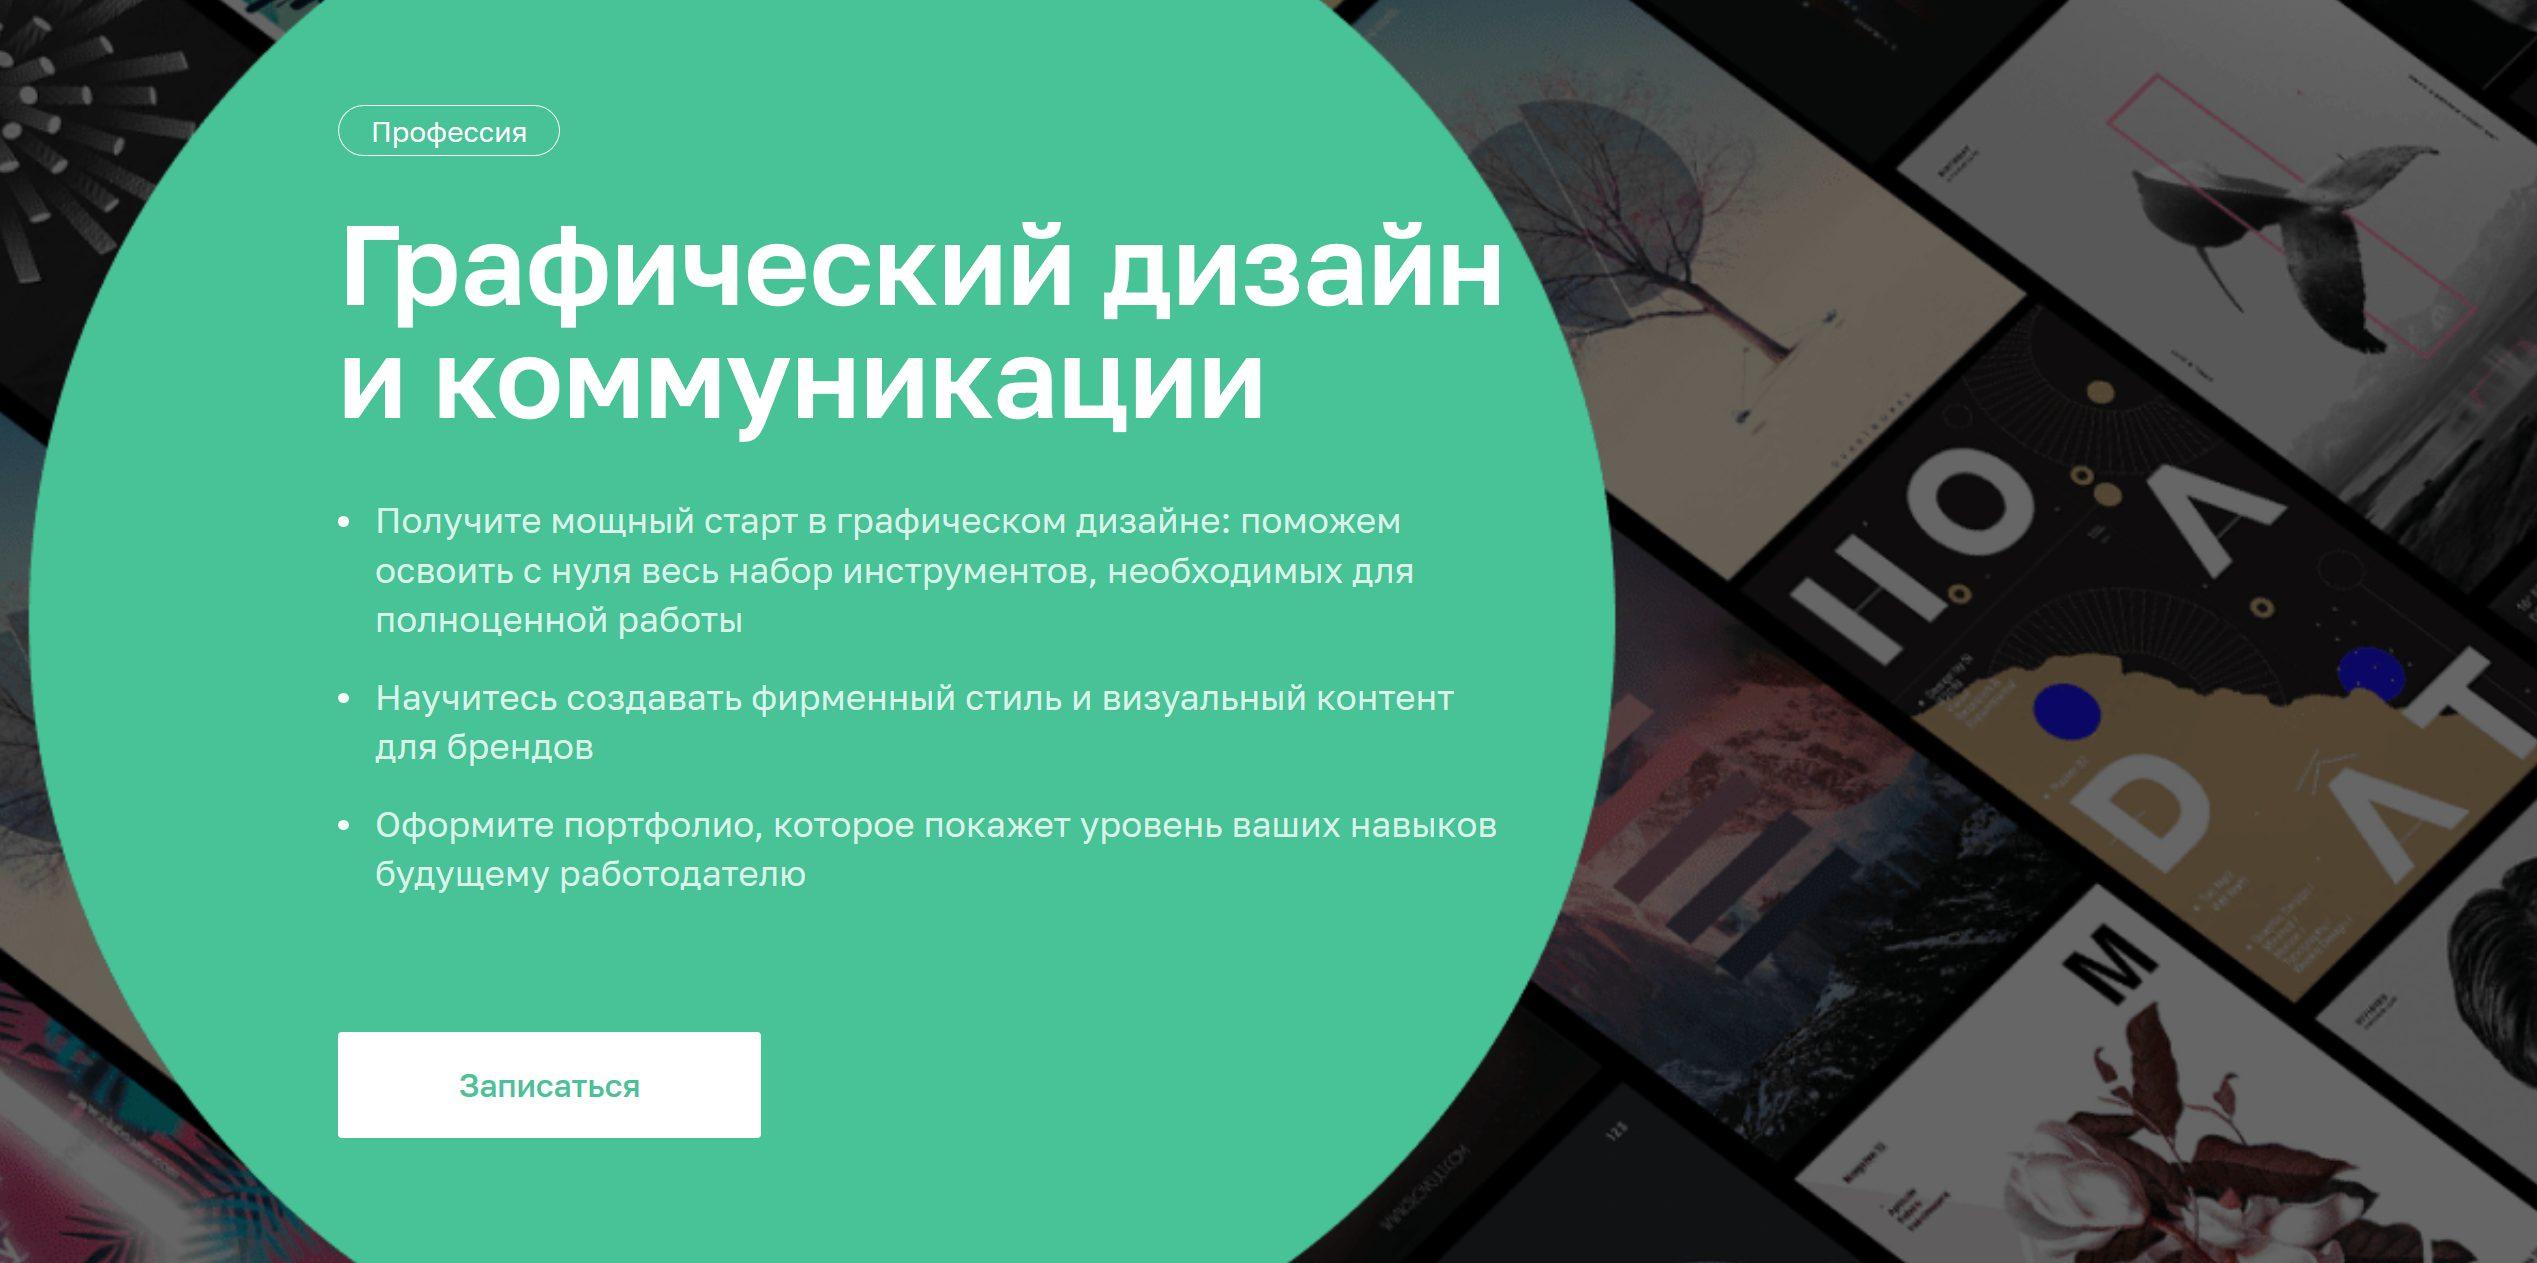 Курс графического дизайна – онлайн обучение с нуля